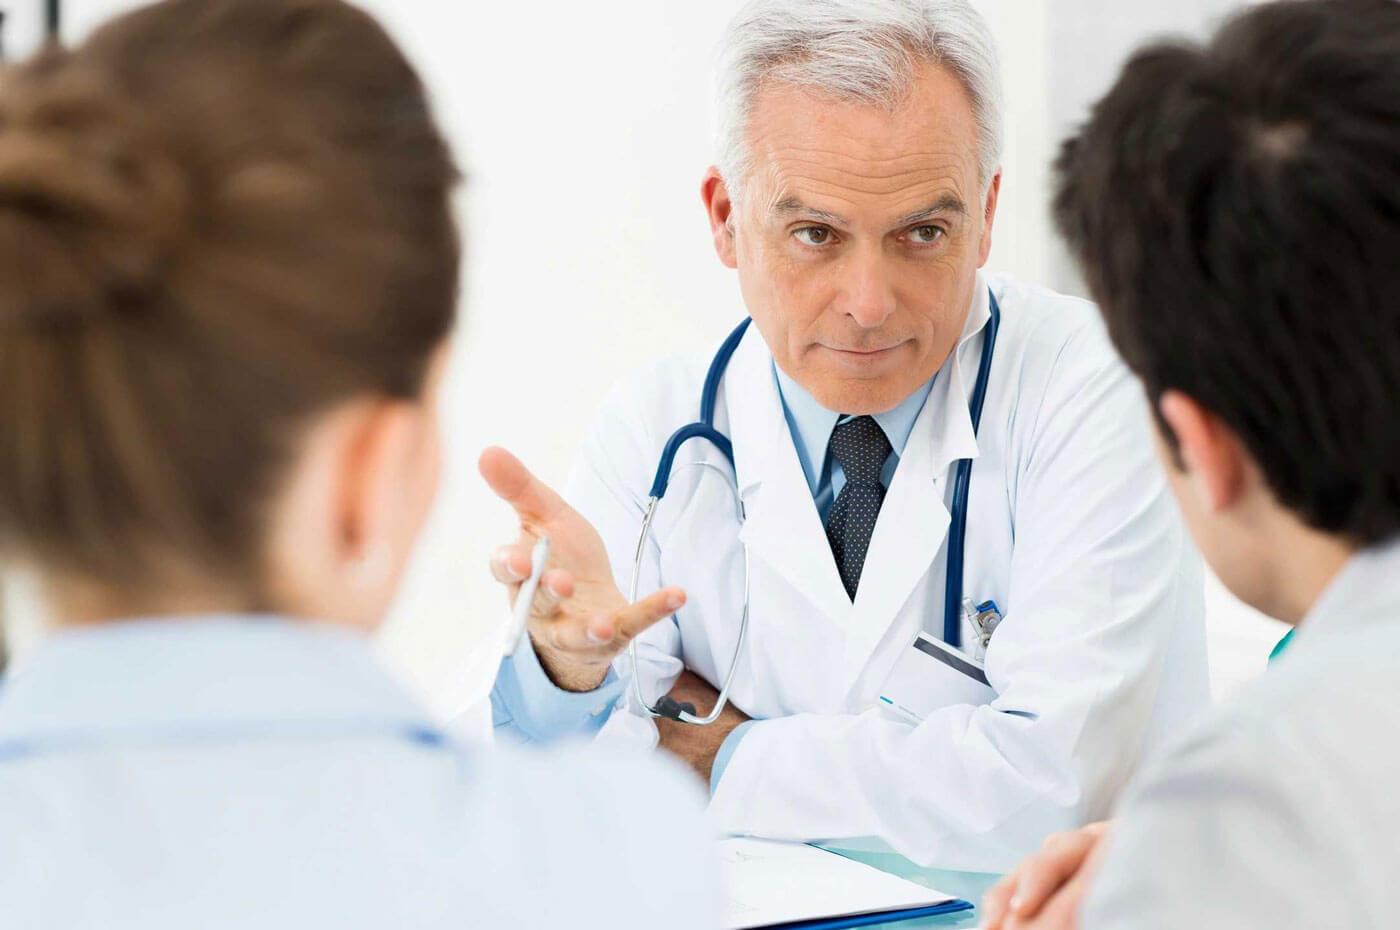 Профессиональное медицинское сопровождение супружеской пары при бесплодии: современный подход